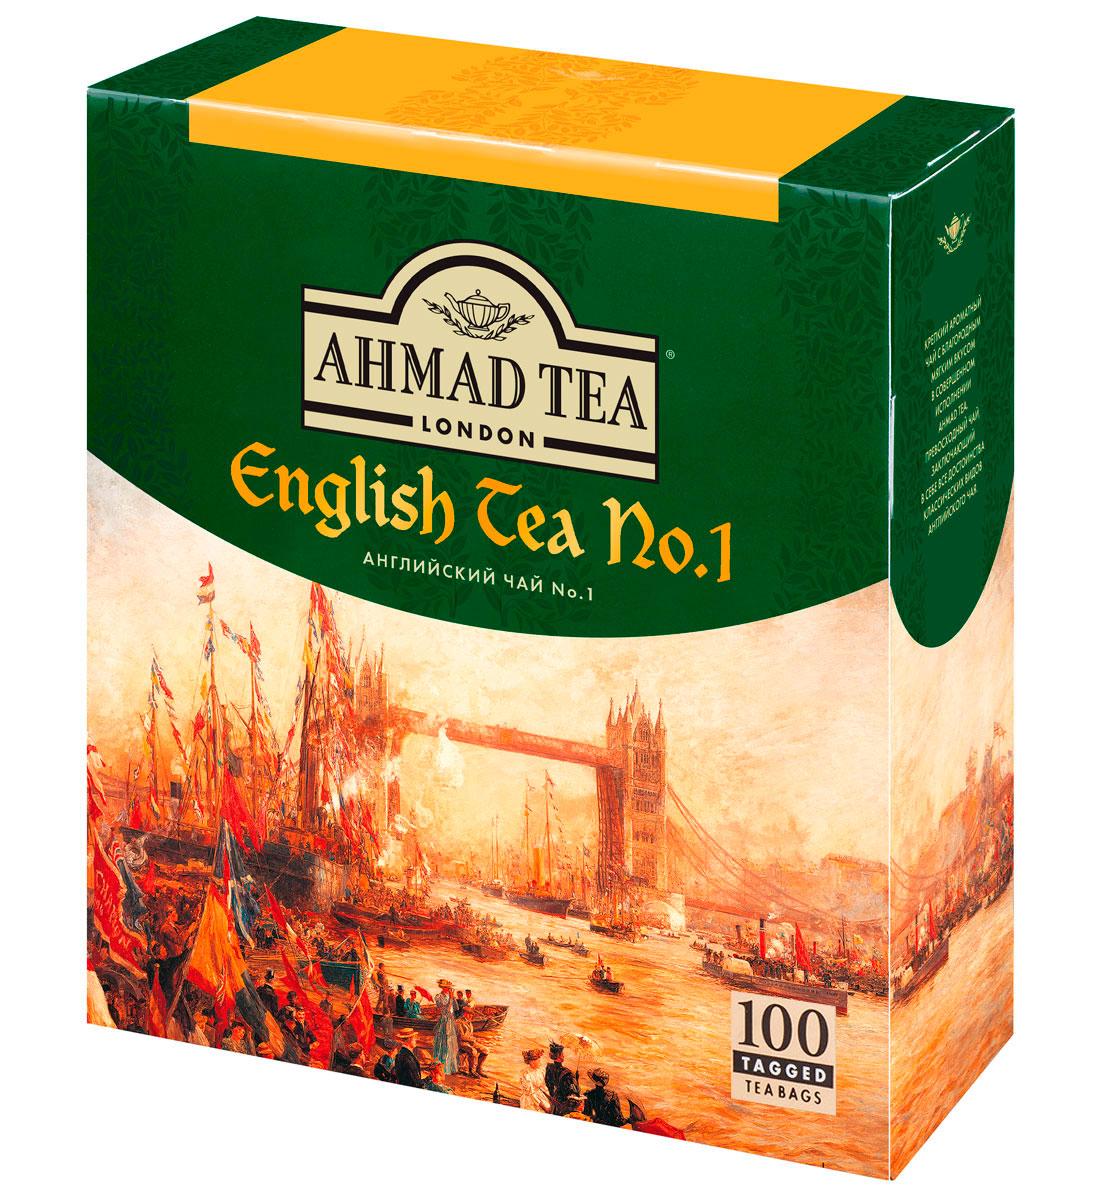 Ahmad Tea English Tea No.1 черный чай в пакетиках, 100 шт598-08Чашка чая Ahmad Tea English Tea No.1 делает общение добрым и приятным. Смесь эксклюзивных сортов черного чая с легким ароматом бергамота в совершенном исполнении Ahmad Tea. Прекрасный чай для любого времени дня. Идеальное сочетание мягкого вкуса, аромата, цвета и крепости. Прекрасный чай для любого настроения и времени дня.Заваривать 3-5 минут, температура воды 100 градусов.